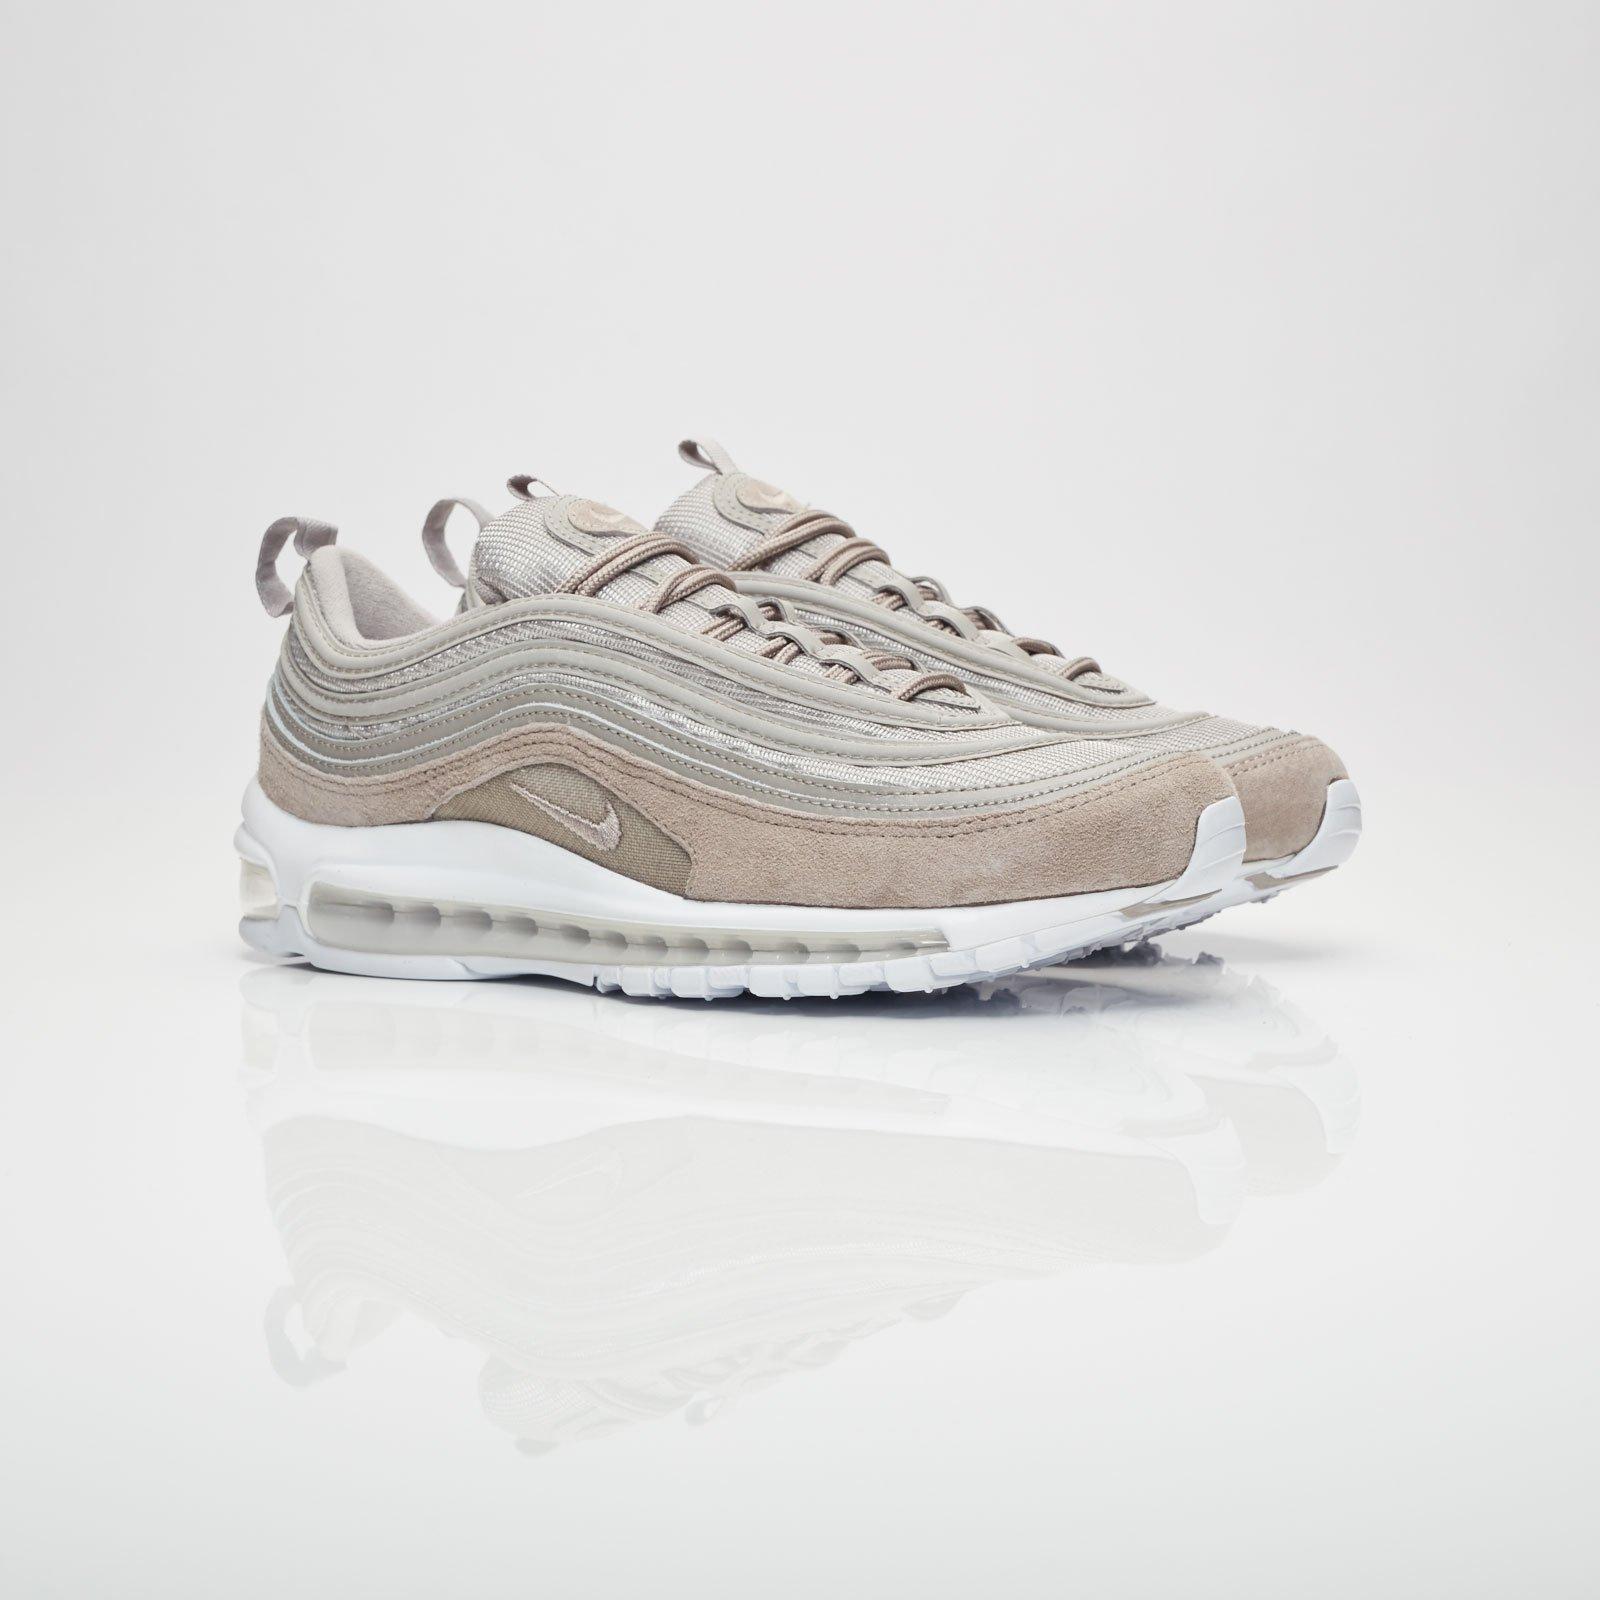 A First Look At Skepta's Nike Air Max 97 Sneaker Freaker